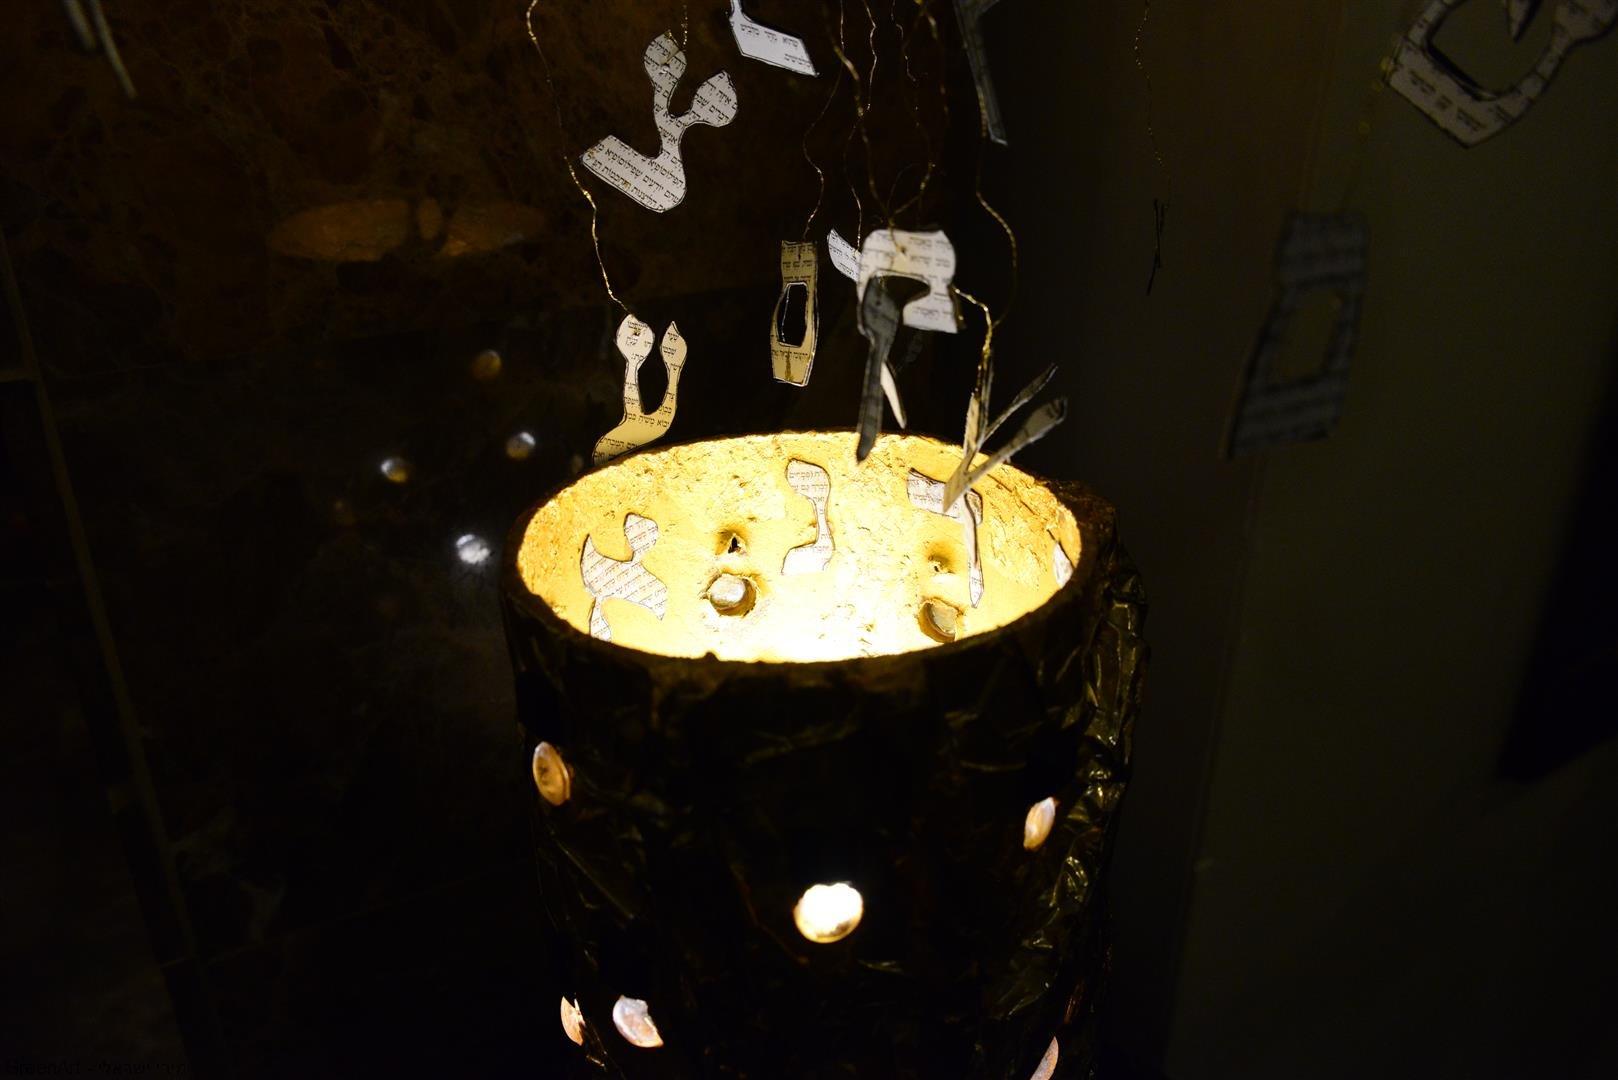 אותיות שפת הקודש שלנו המתהוות מהחושך אל האור ומפסולת לבריאה מחודשת